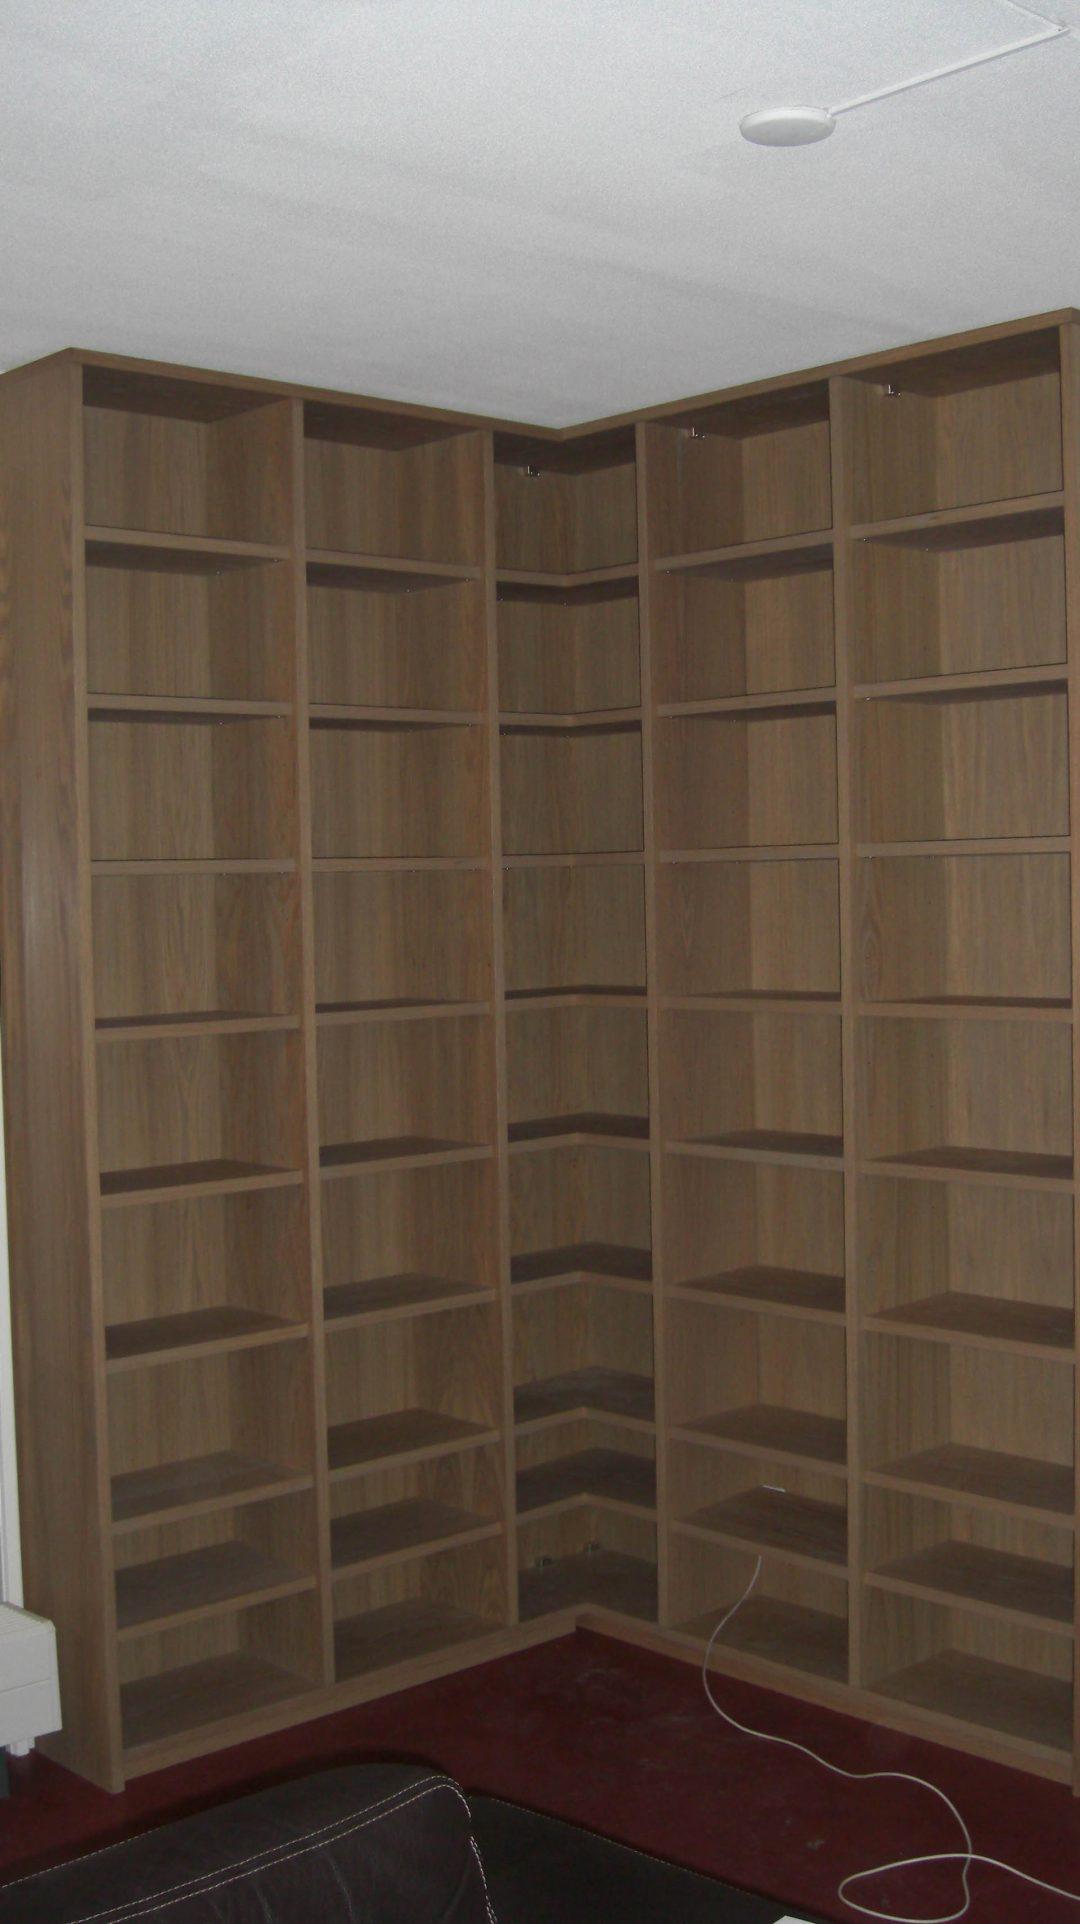 Boekenkast in hoek